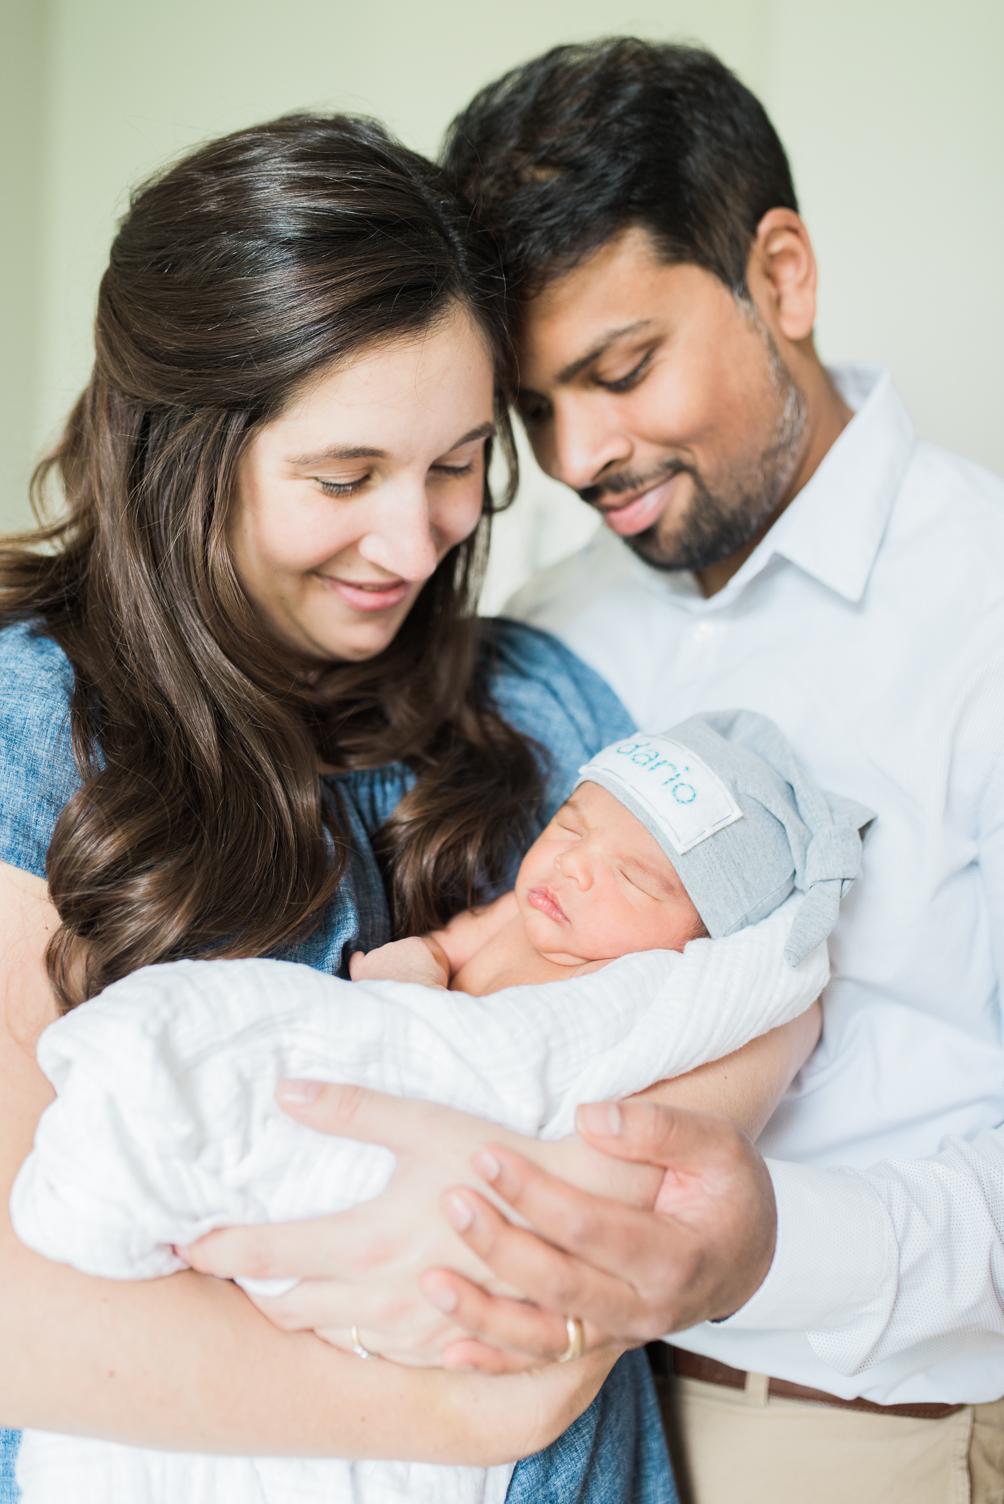 baltimore-harford county-maryland-newborn-lifestyle-family-photographer-photos by-breanna kuhlmann-26.jpg